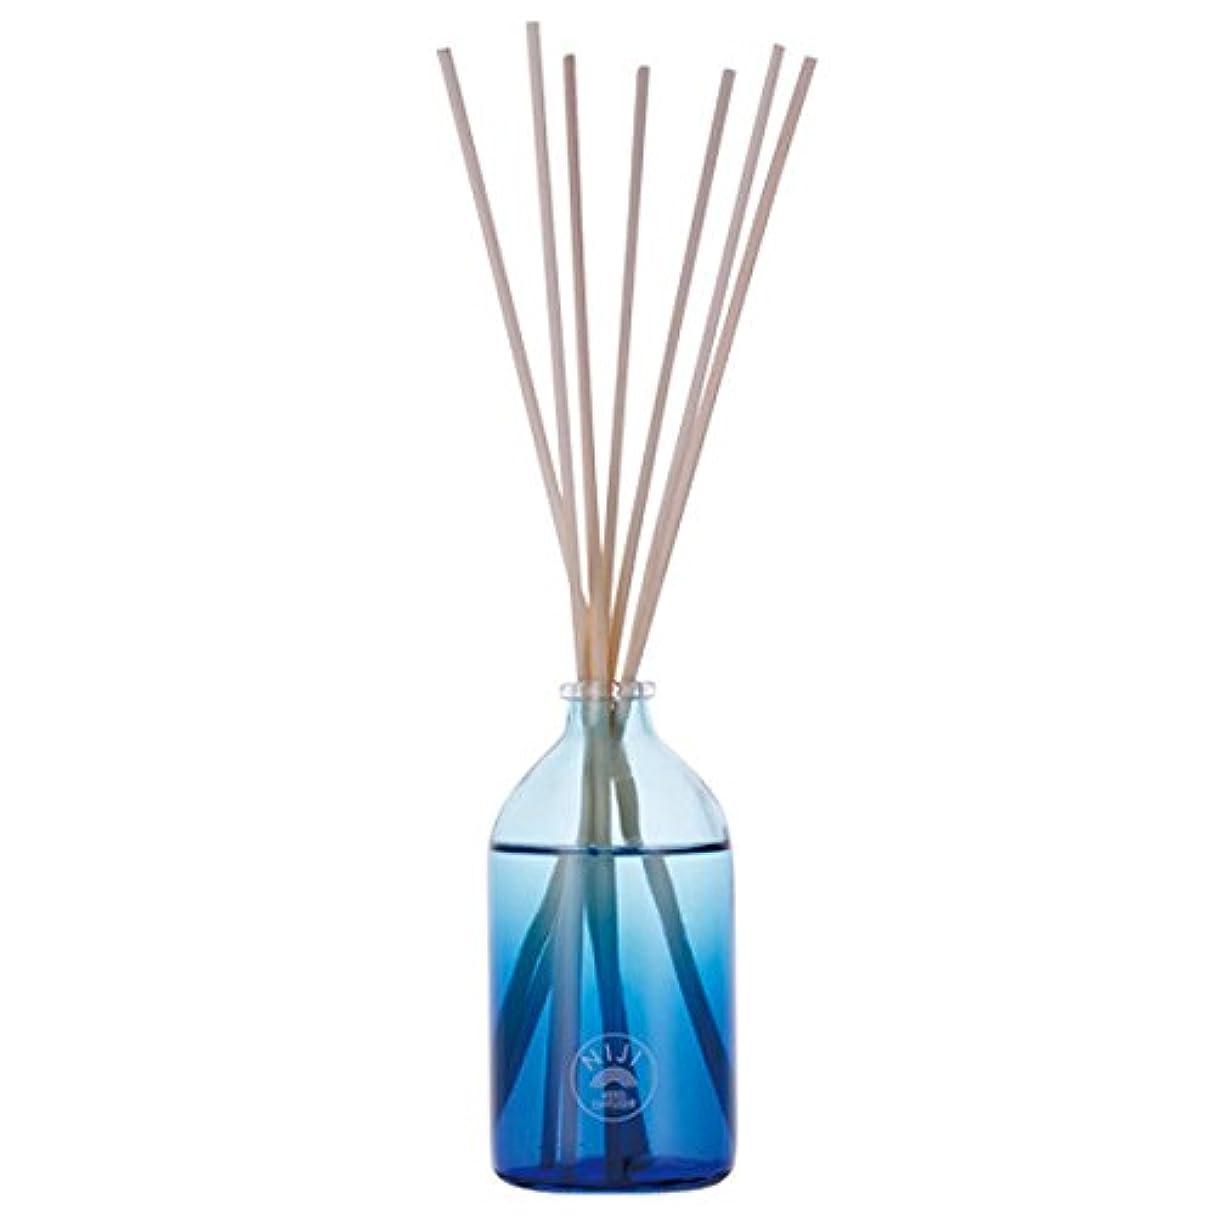 ドライせがむ持続的大香 NIJI reed diffuser Bright blue Sky 100ml